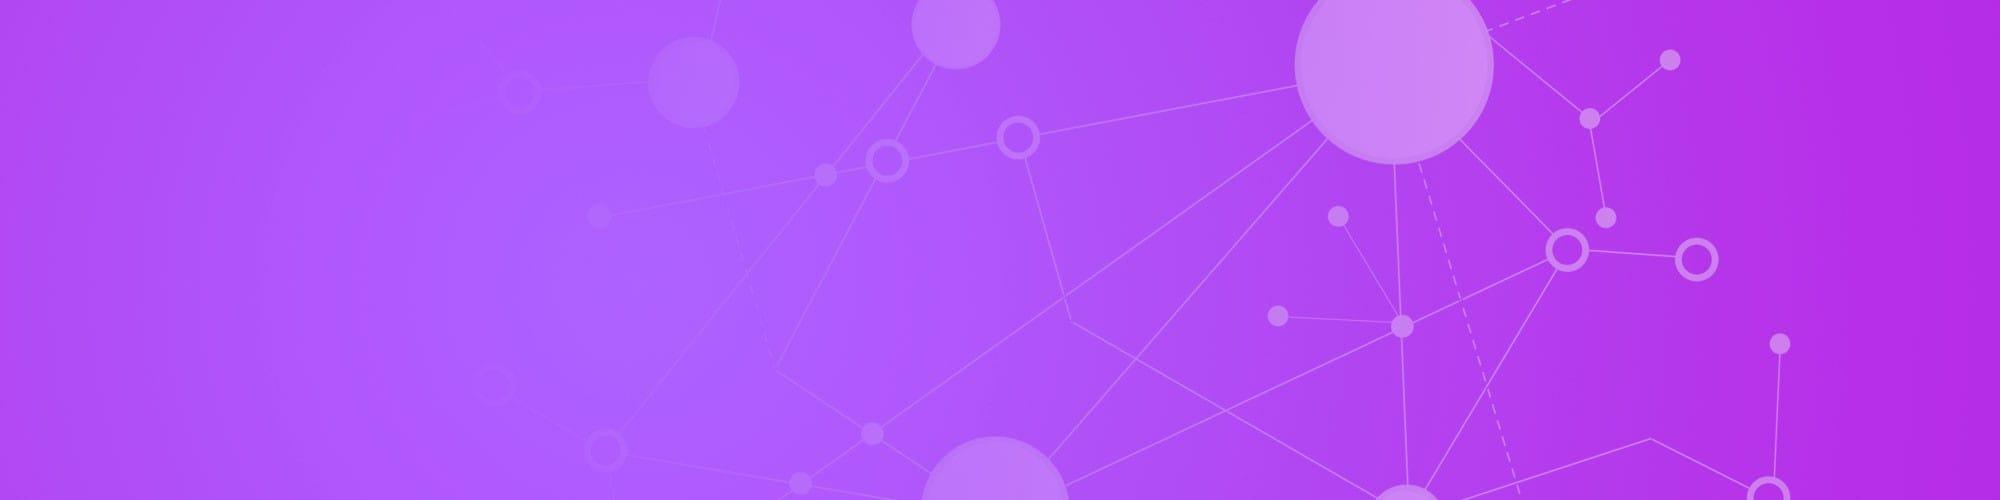 Abstract purple art